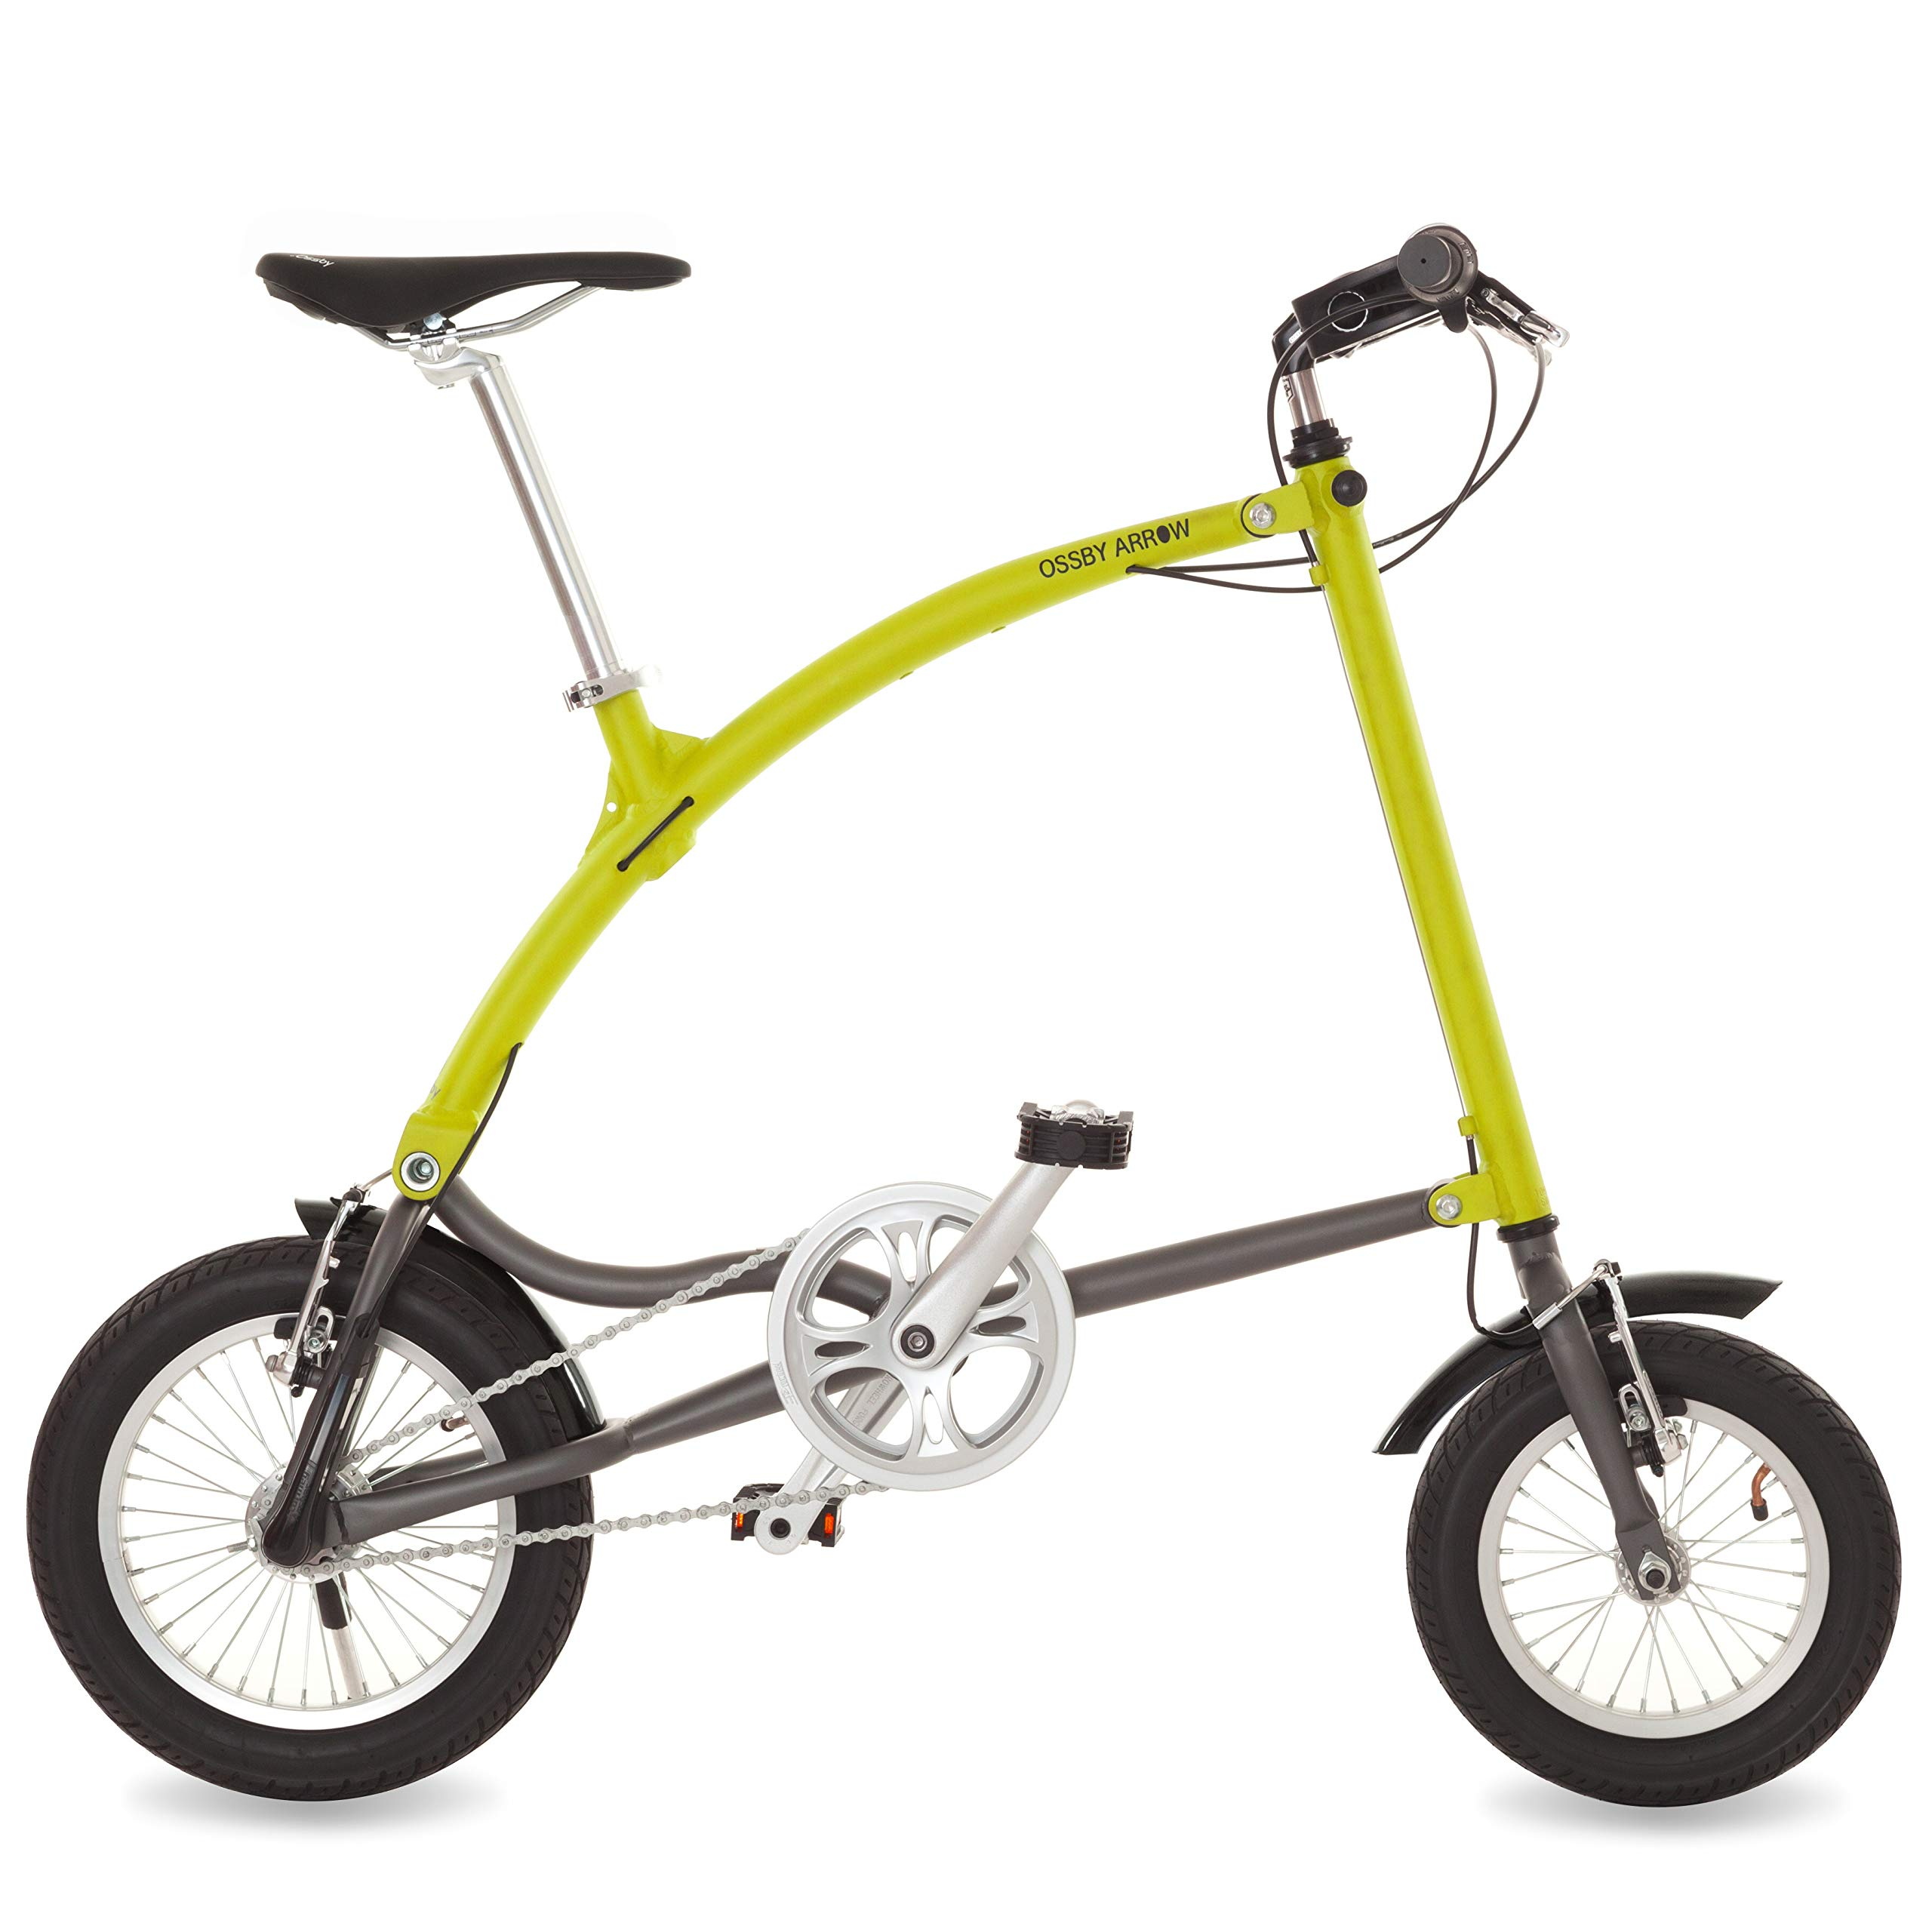 Ossby Arrow Bicicleta Plegable 3 velocidades (Amarillo): Amazon.es: Deportes y aire libre